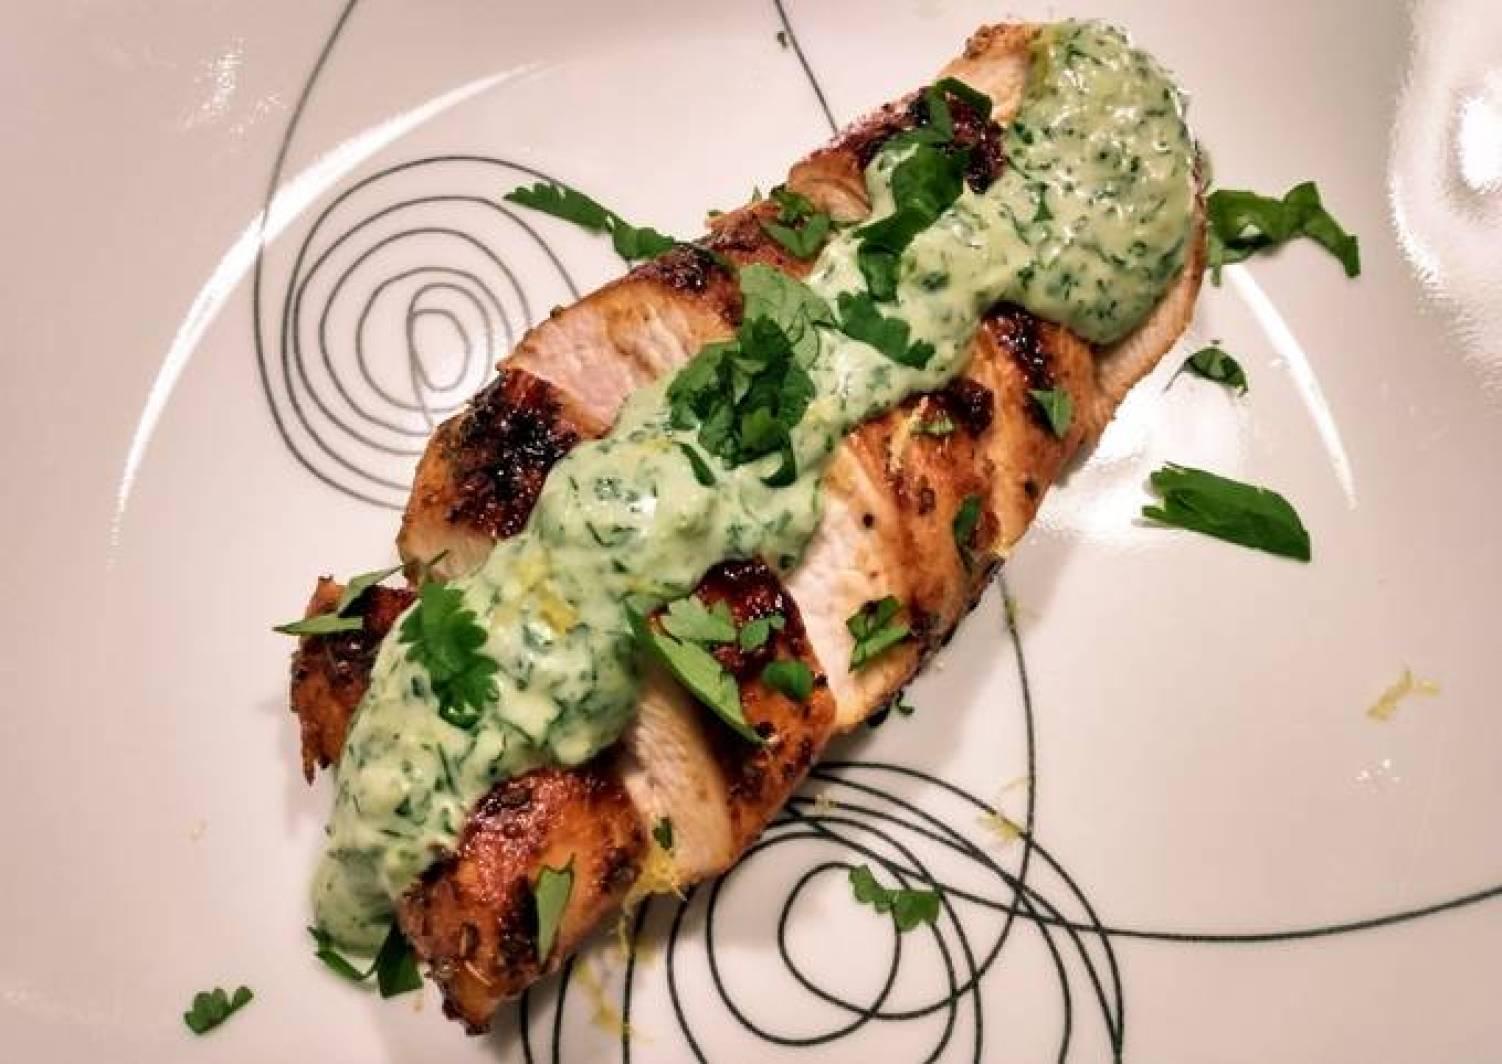 Pan-seared chicken with cilantro dill cream